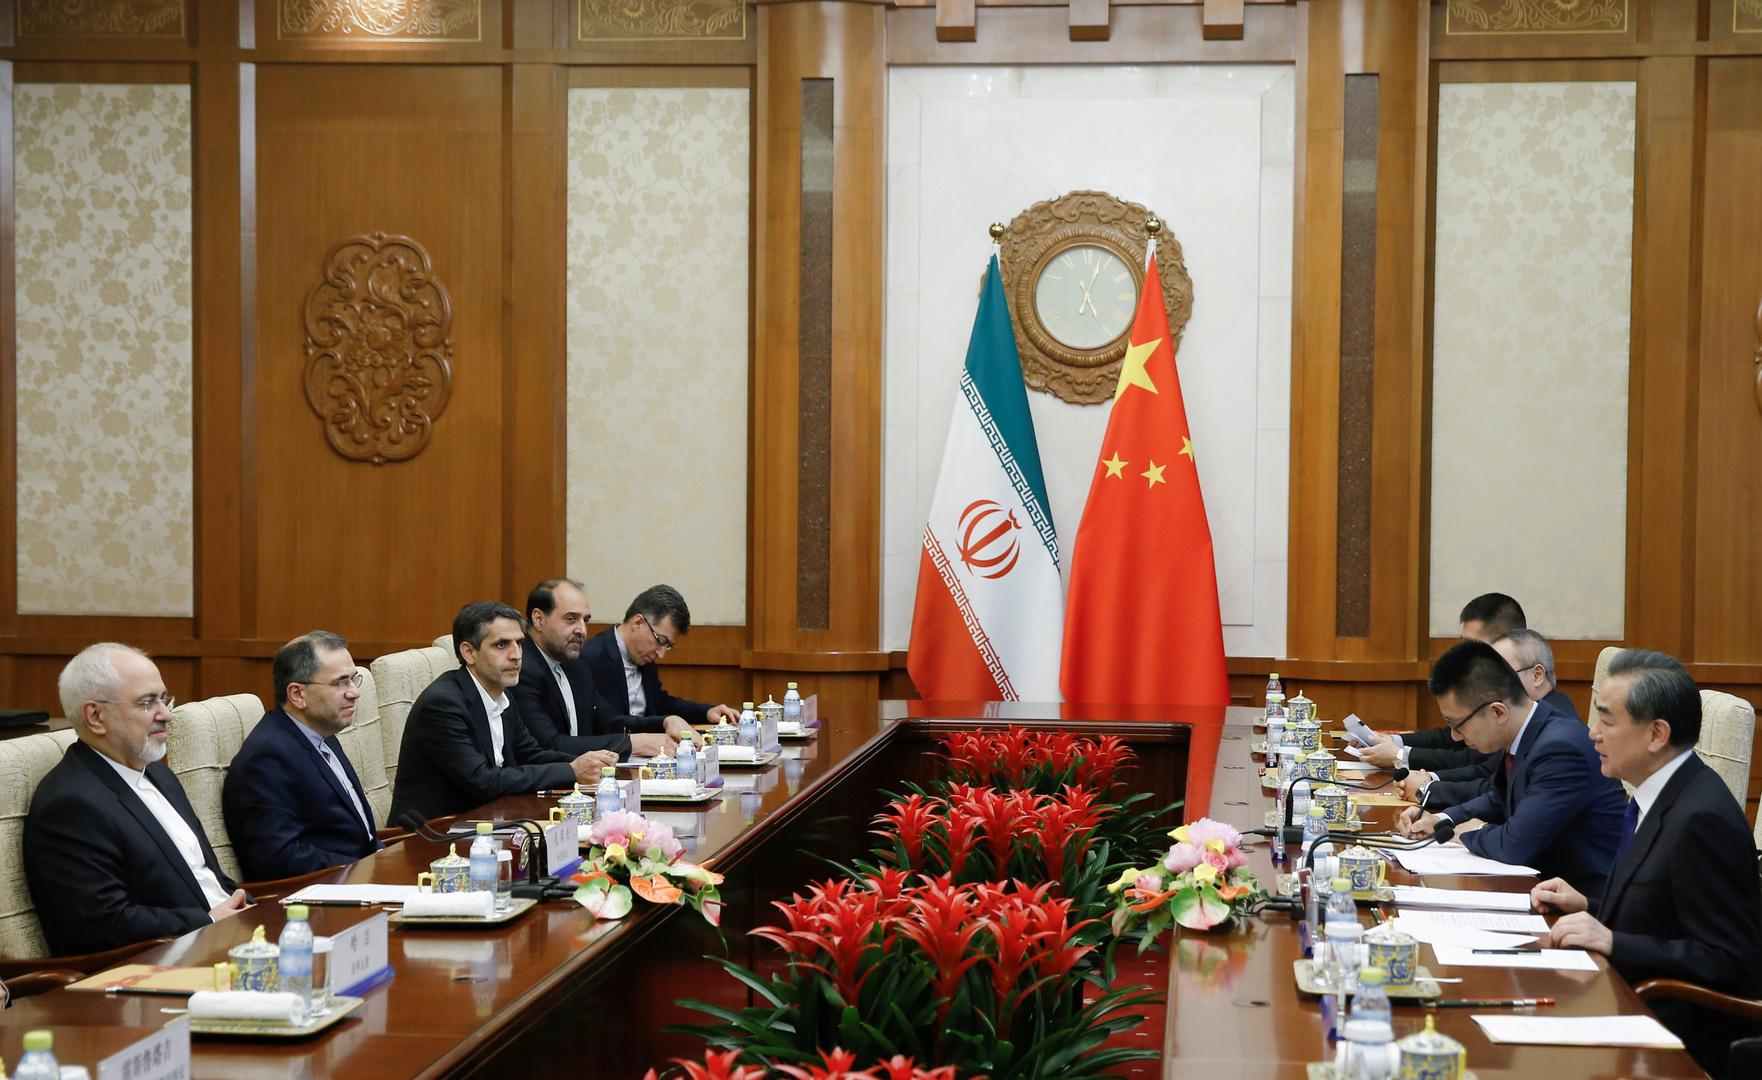 بكين: تعاوننا الاقتصادي مع إيران يحترم القانون الدولي ولا ينتهك مصالح الآخرين